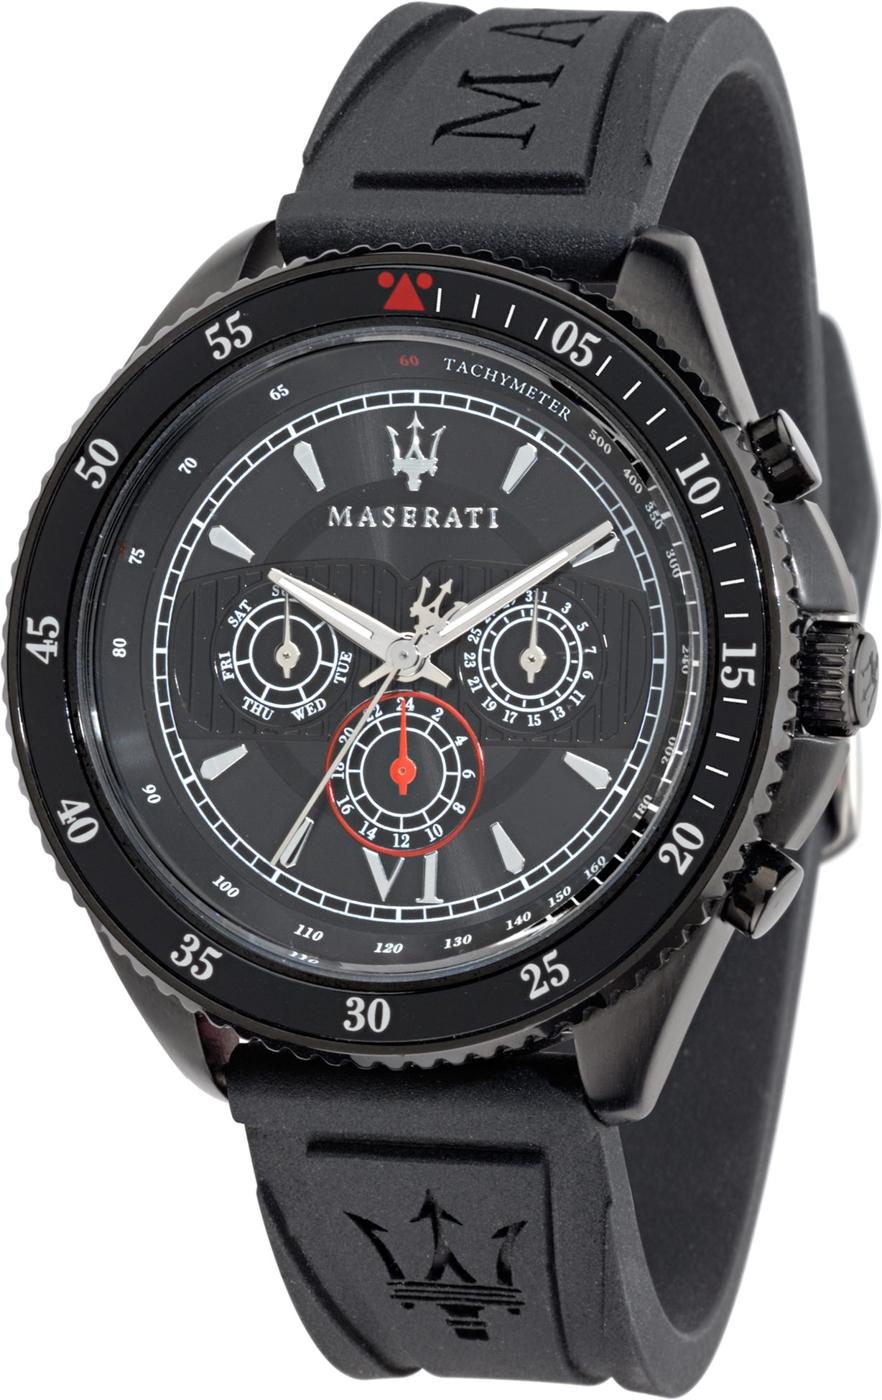 MASERATI WATCH-瑪莎拉蒂手錶-矽膠運動款-R8851101001-錶現精品公司-原廠正貨-鏡面保固一年